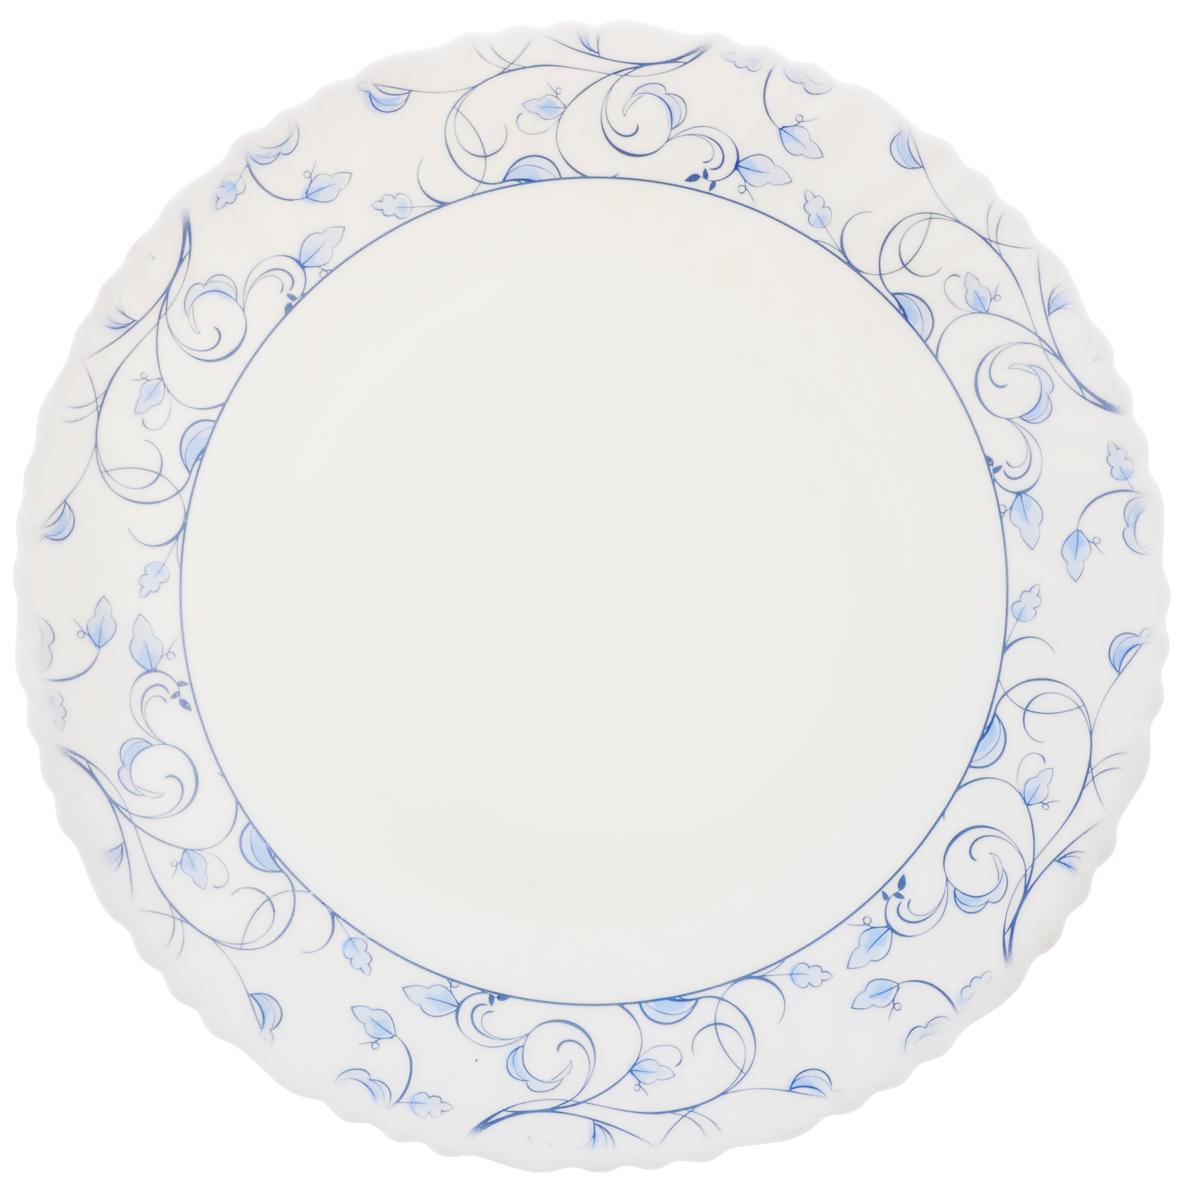 Тарелка десертная Chinbull Нормандия, диаметр 19 см тарелка глубокая chinbull грация диаметр 23 см